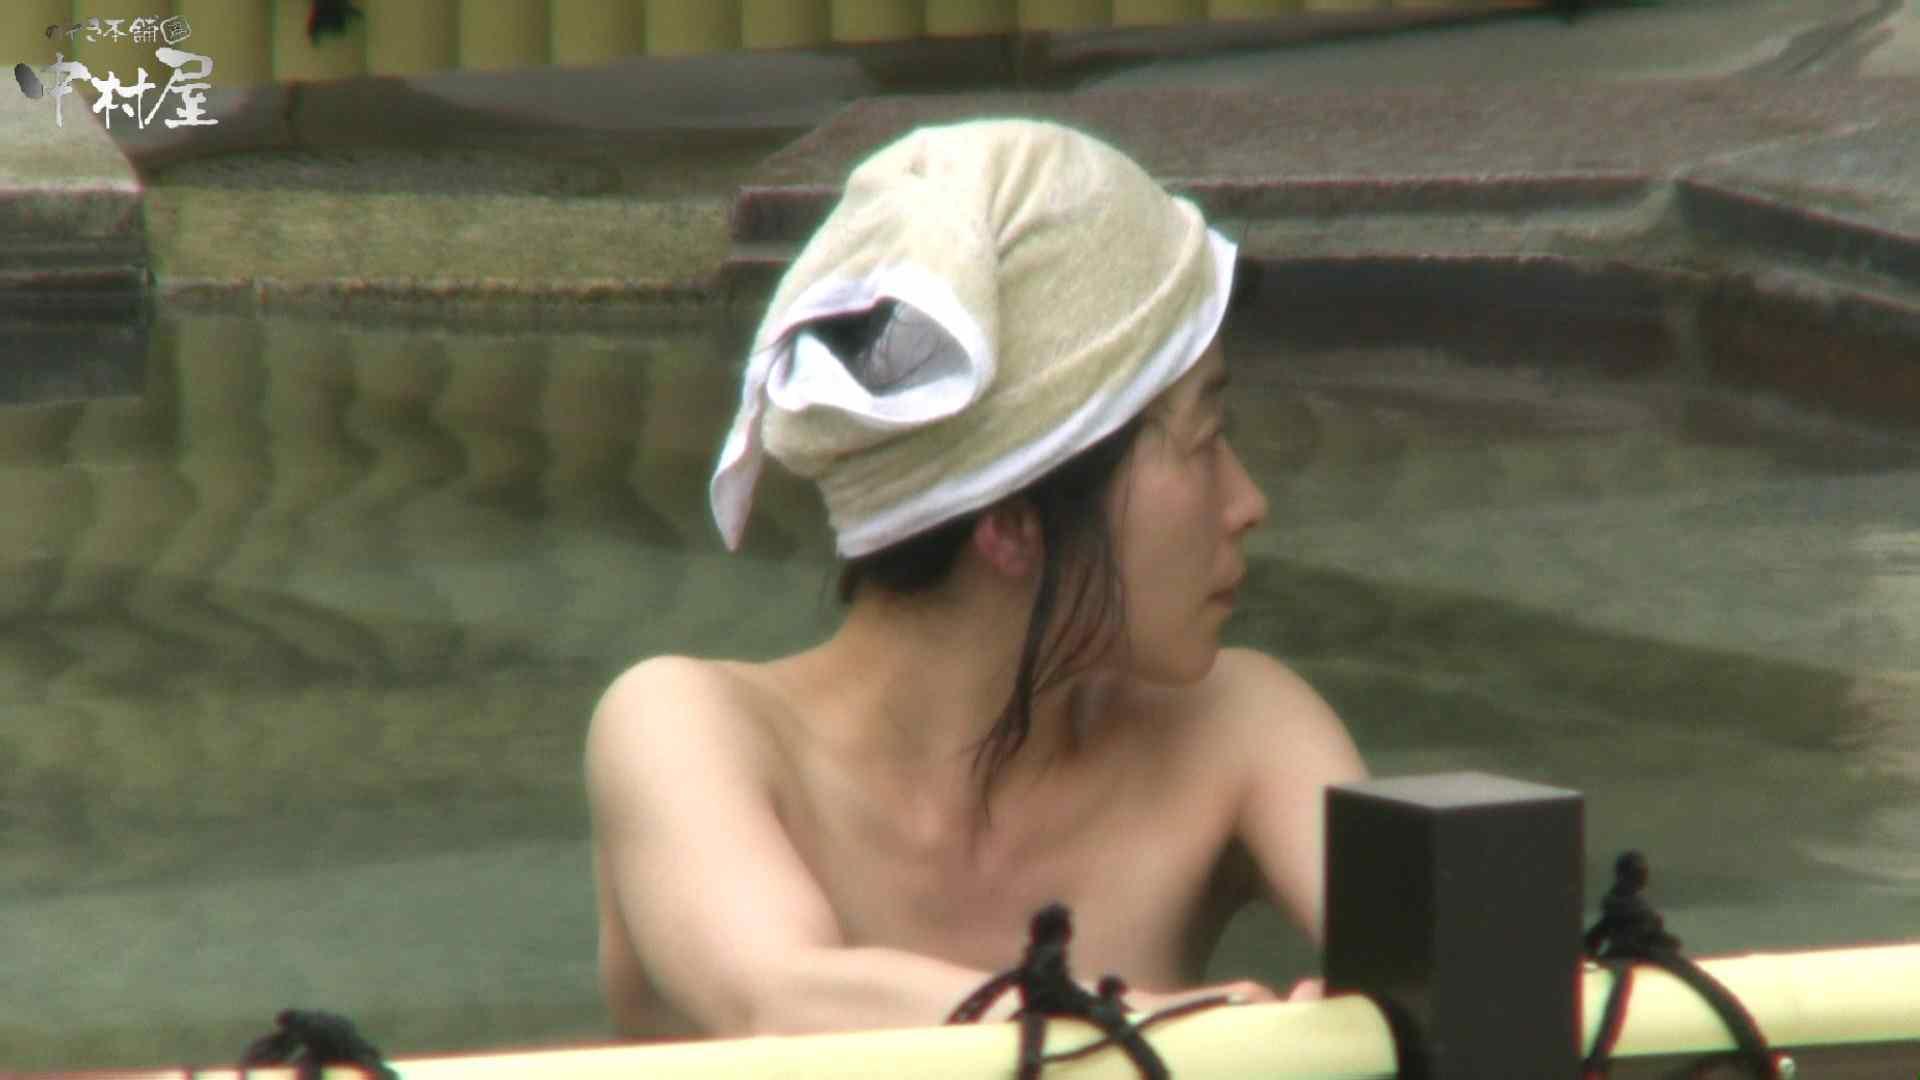 Aquaな露天風呂Vol.950 露天風呂  107連発 21